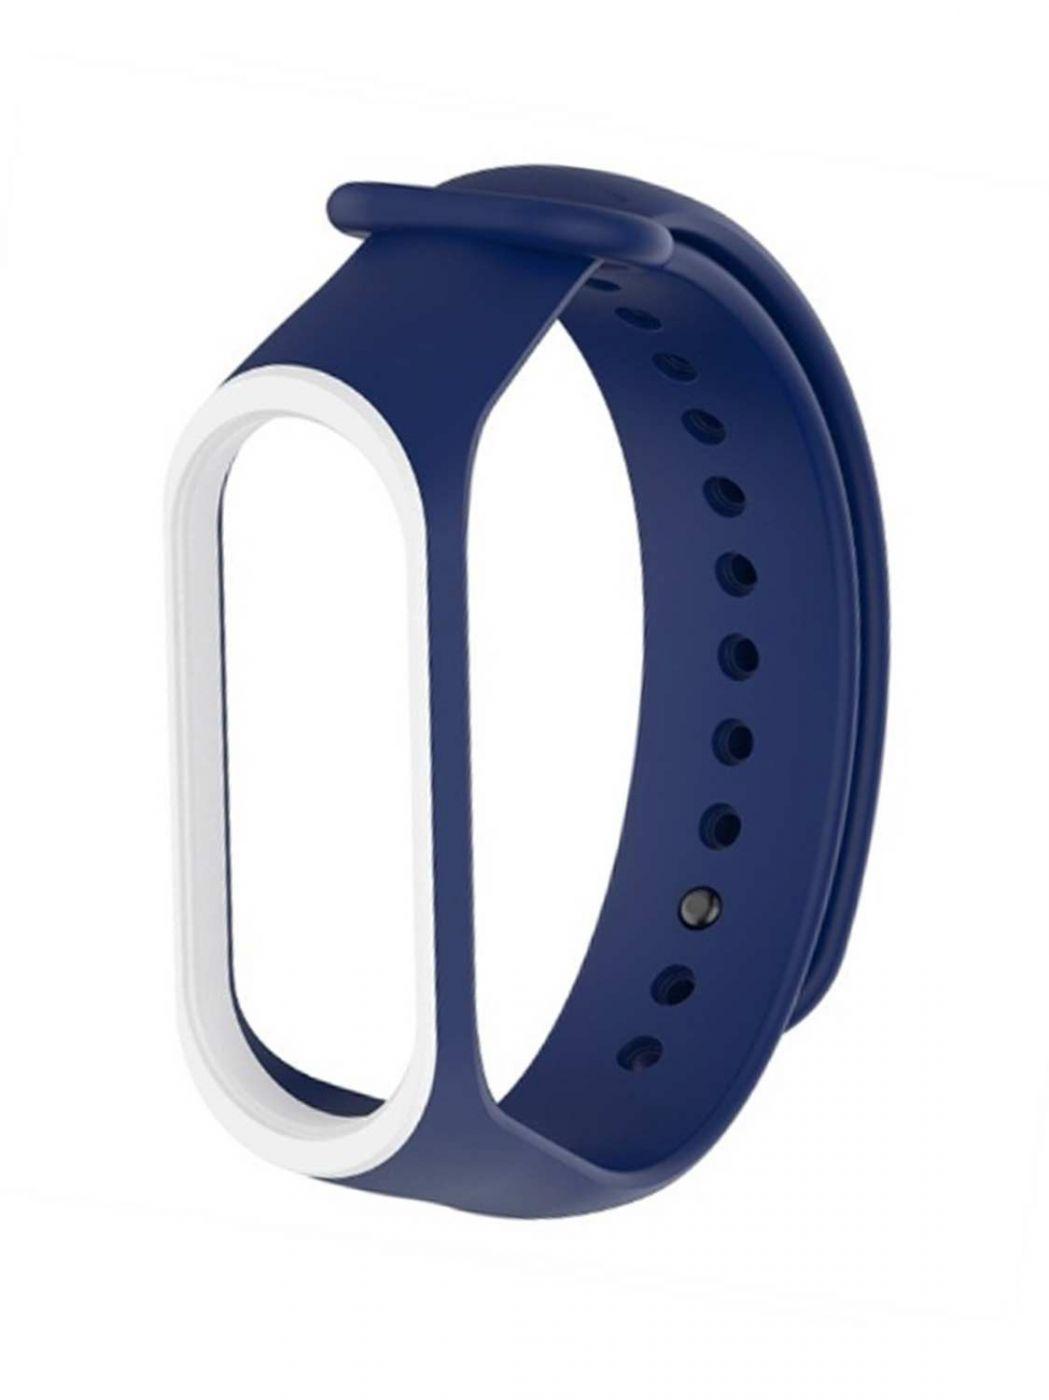 Сменный двухцветный ремешок на фитнес-браслет Xiaomi mi band 5/6 ( Темно синий-белый )